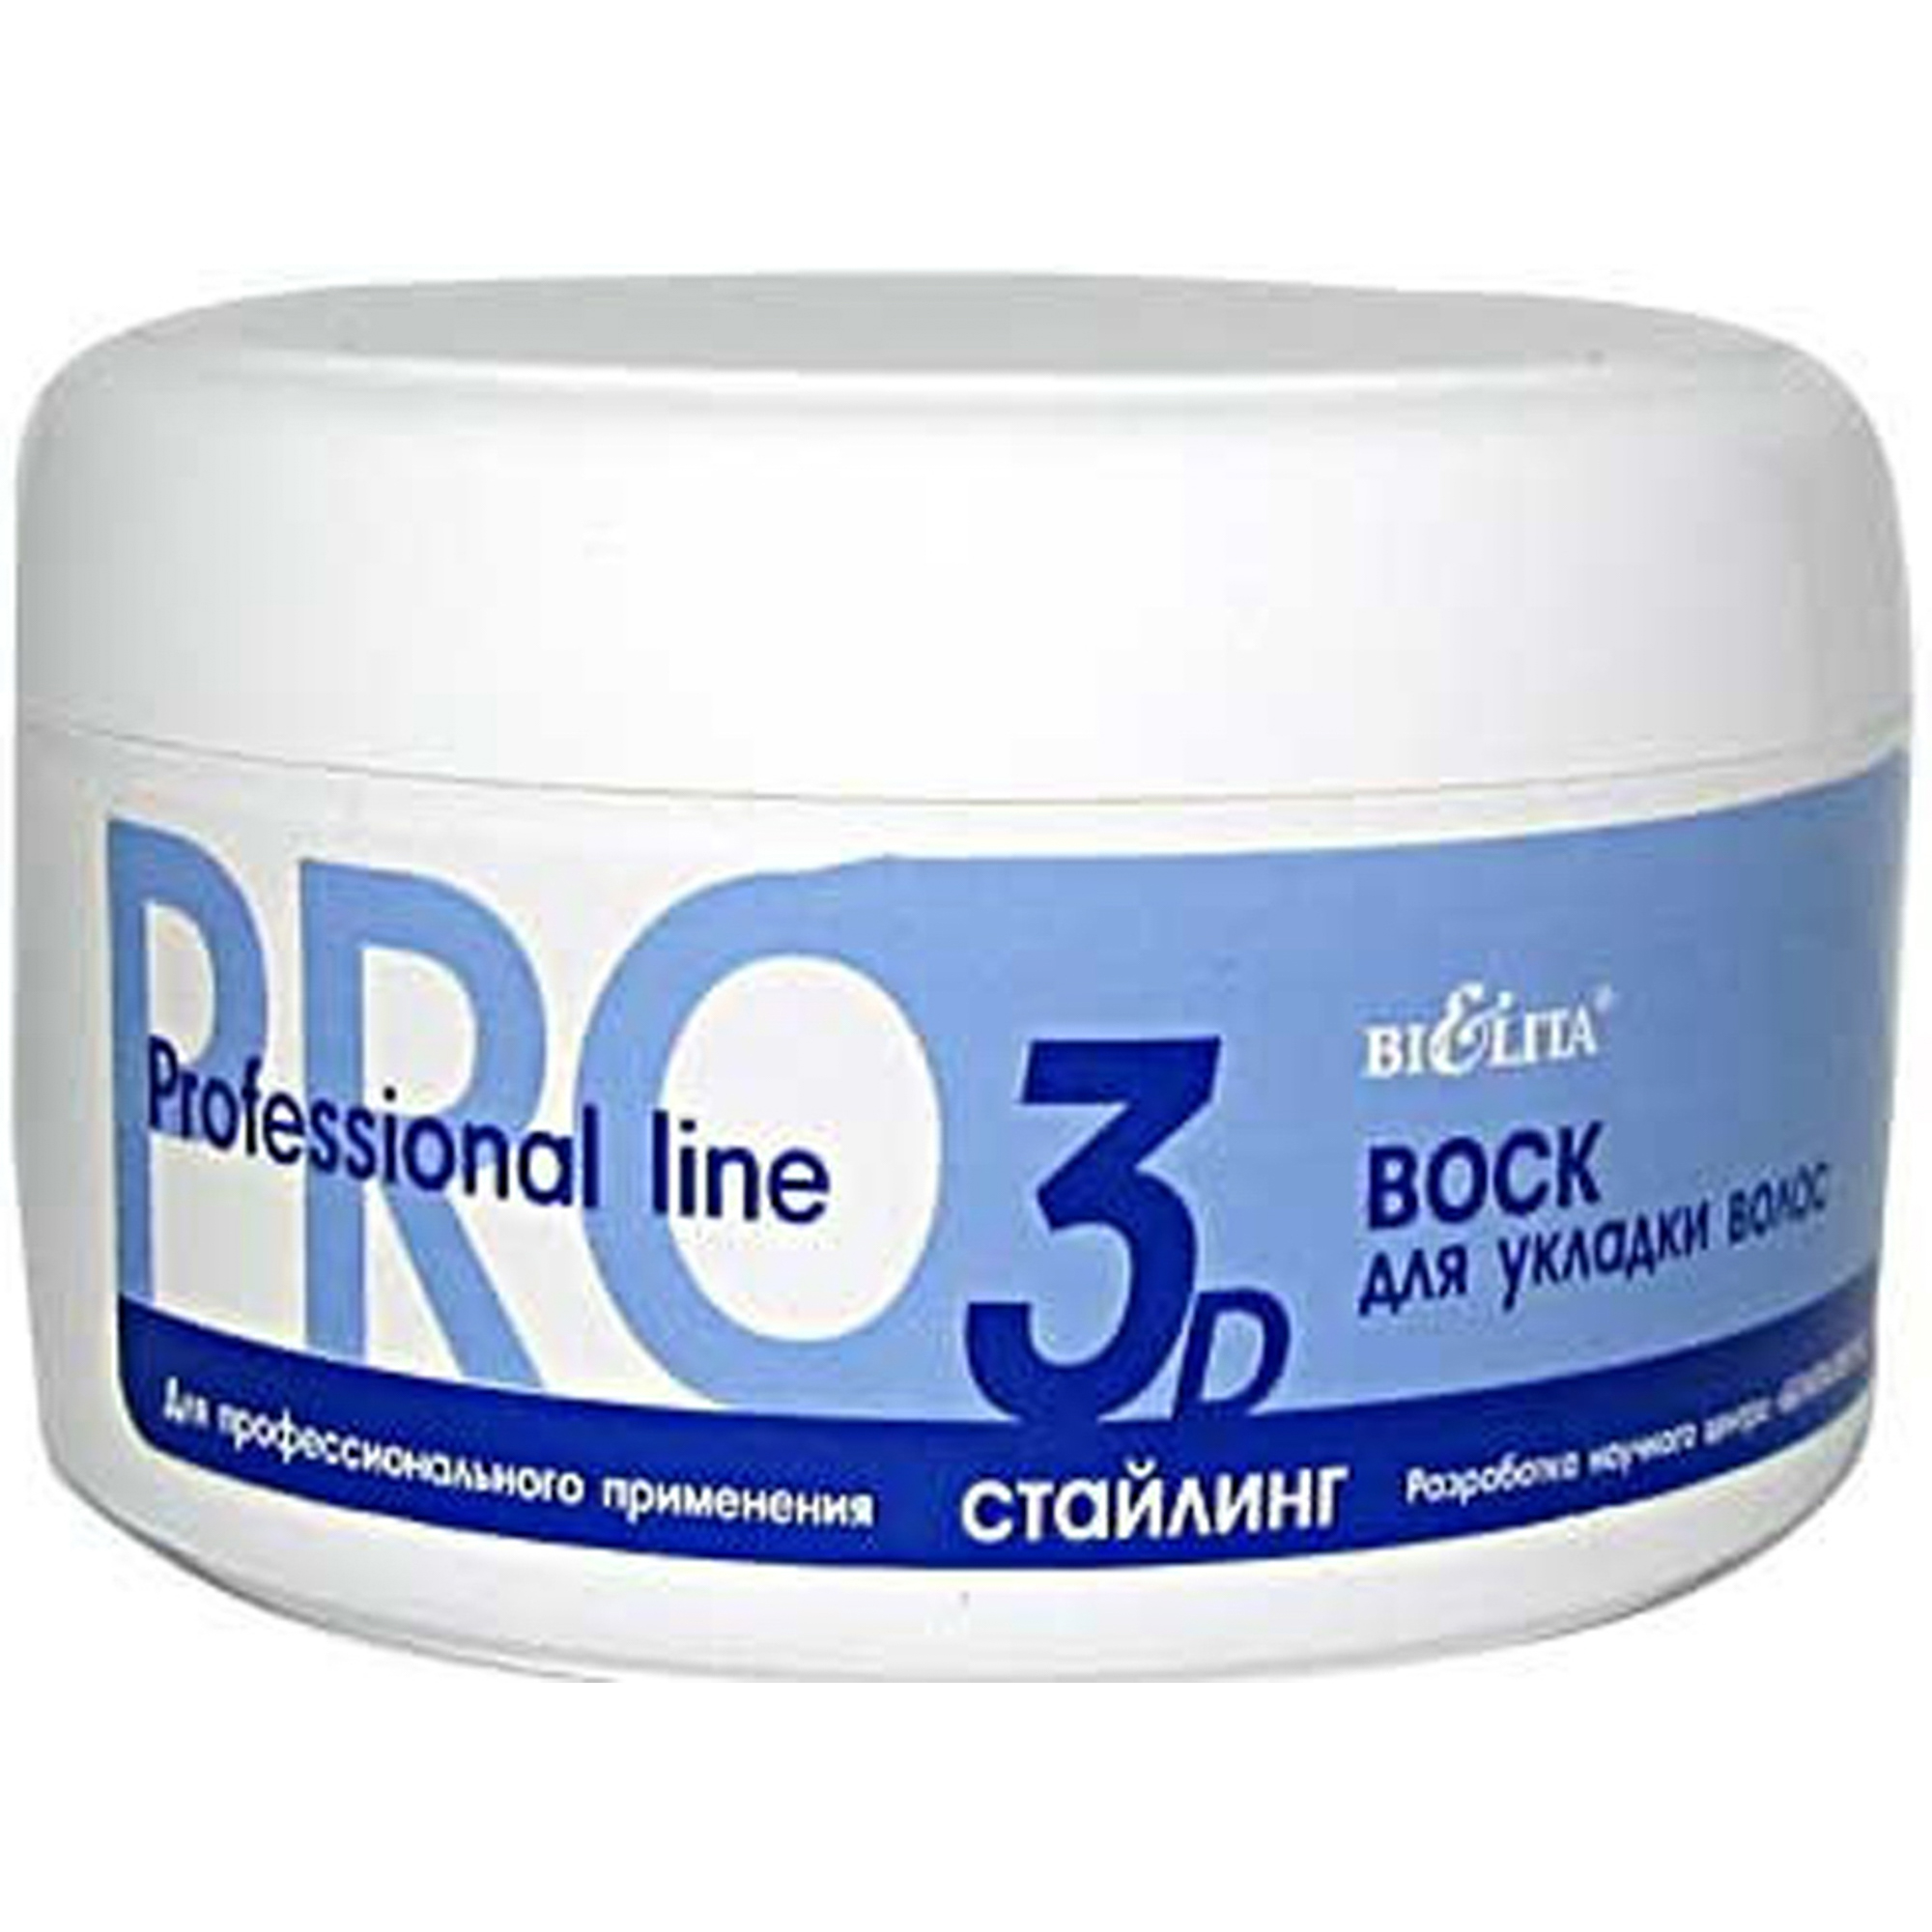 Купить Воск для волос БЕЛИТА Professional line 3D 75 мл, Белита, воск, Беларуь